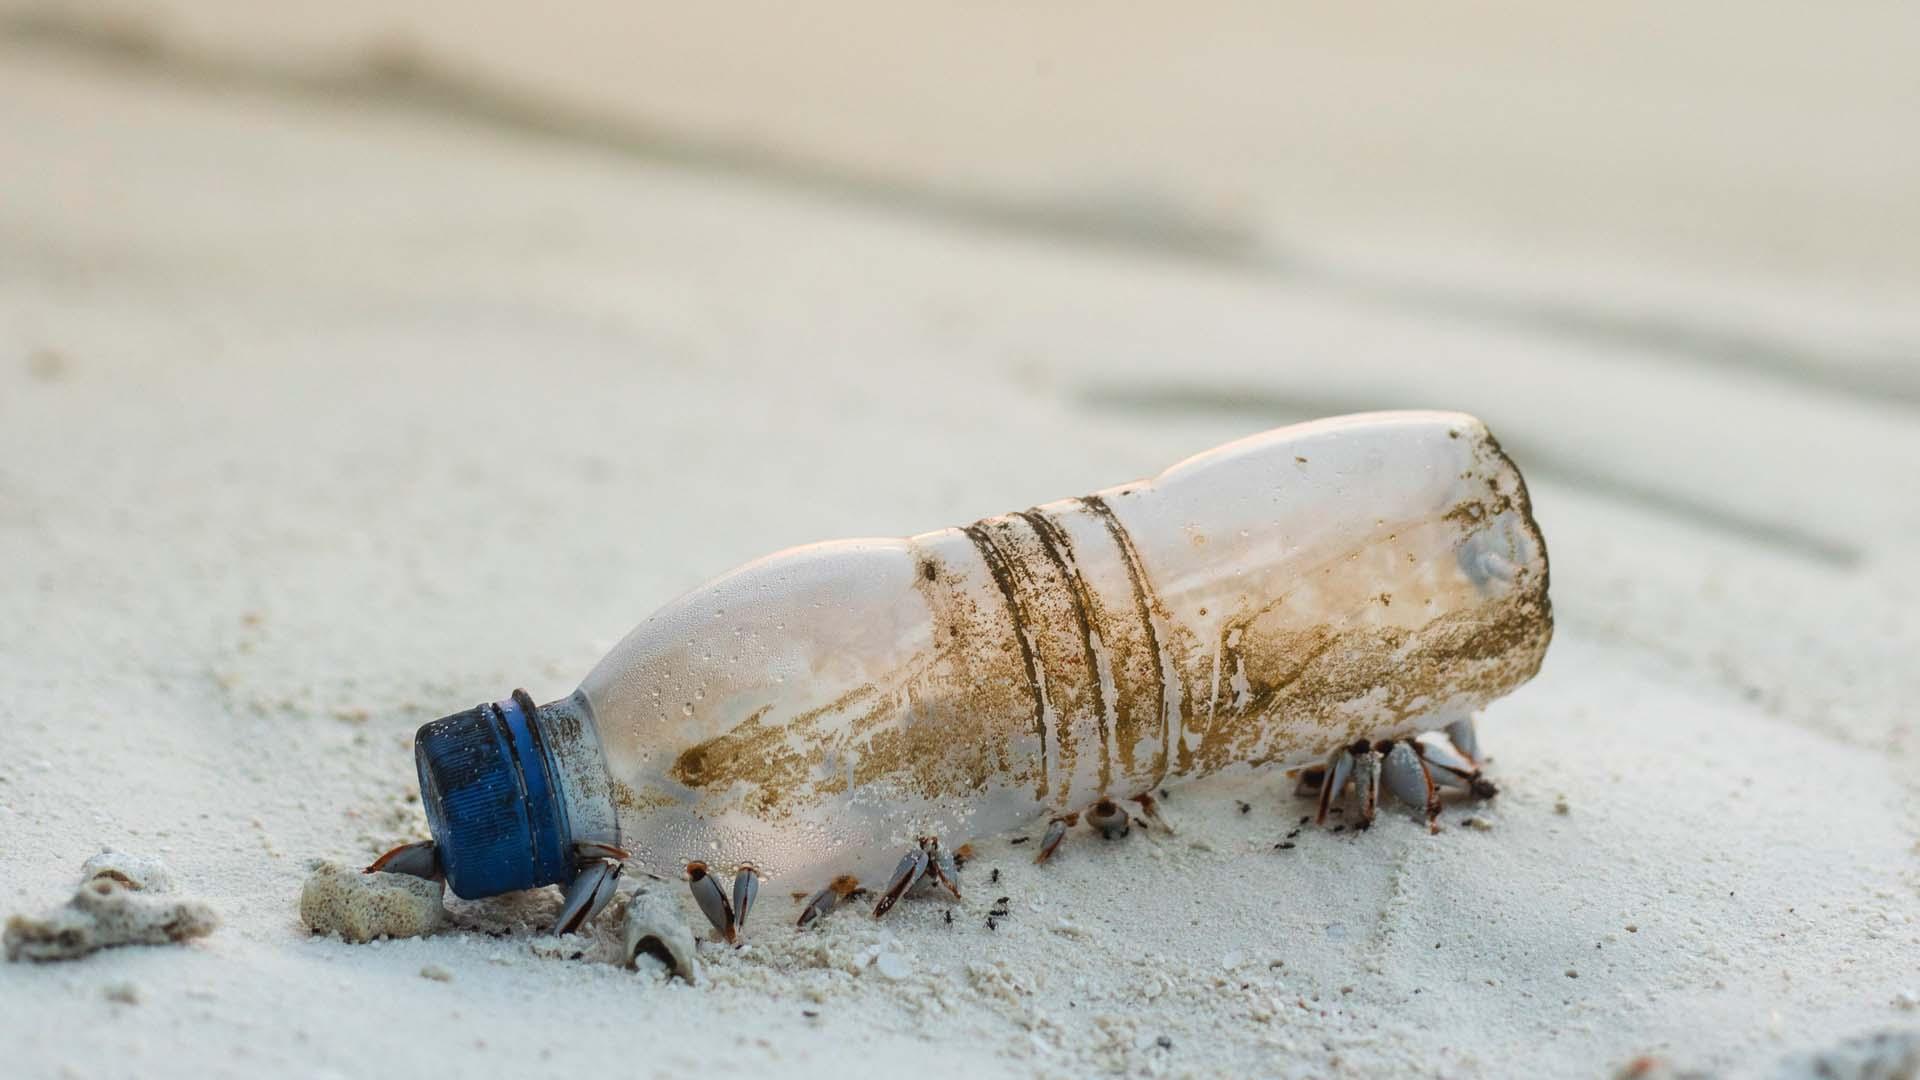 Il Mediterraneo sarà soffocato dalla plastica in 20 anni